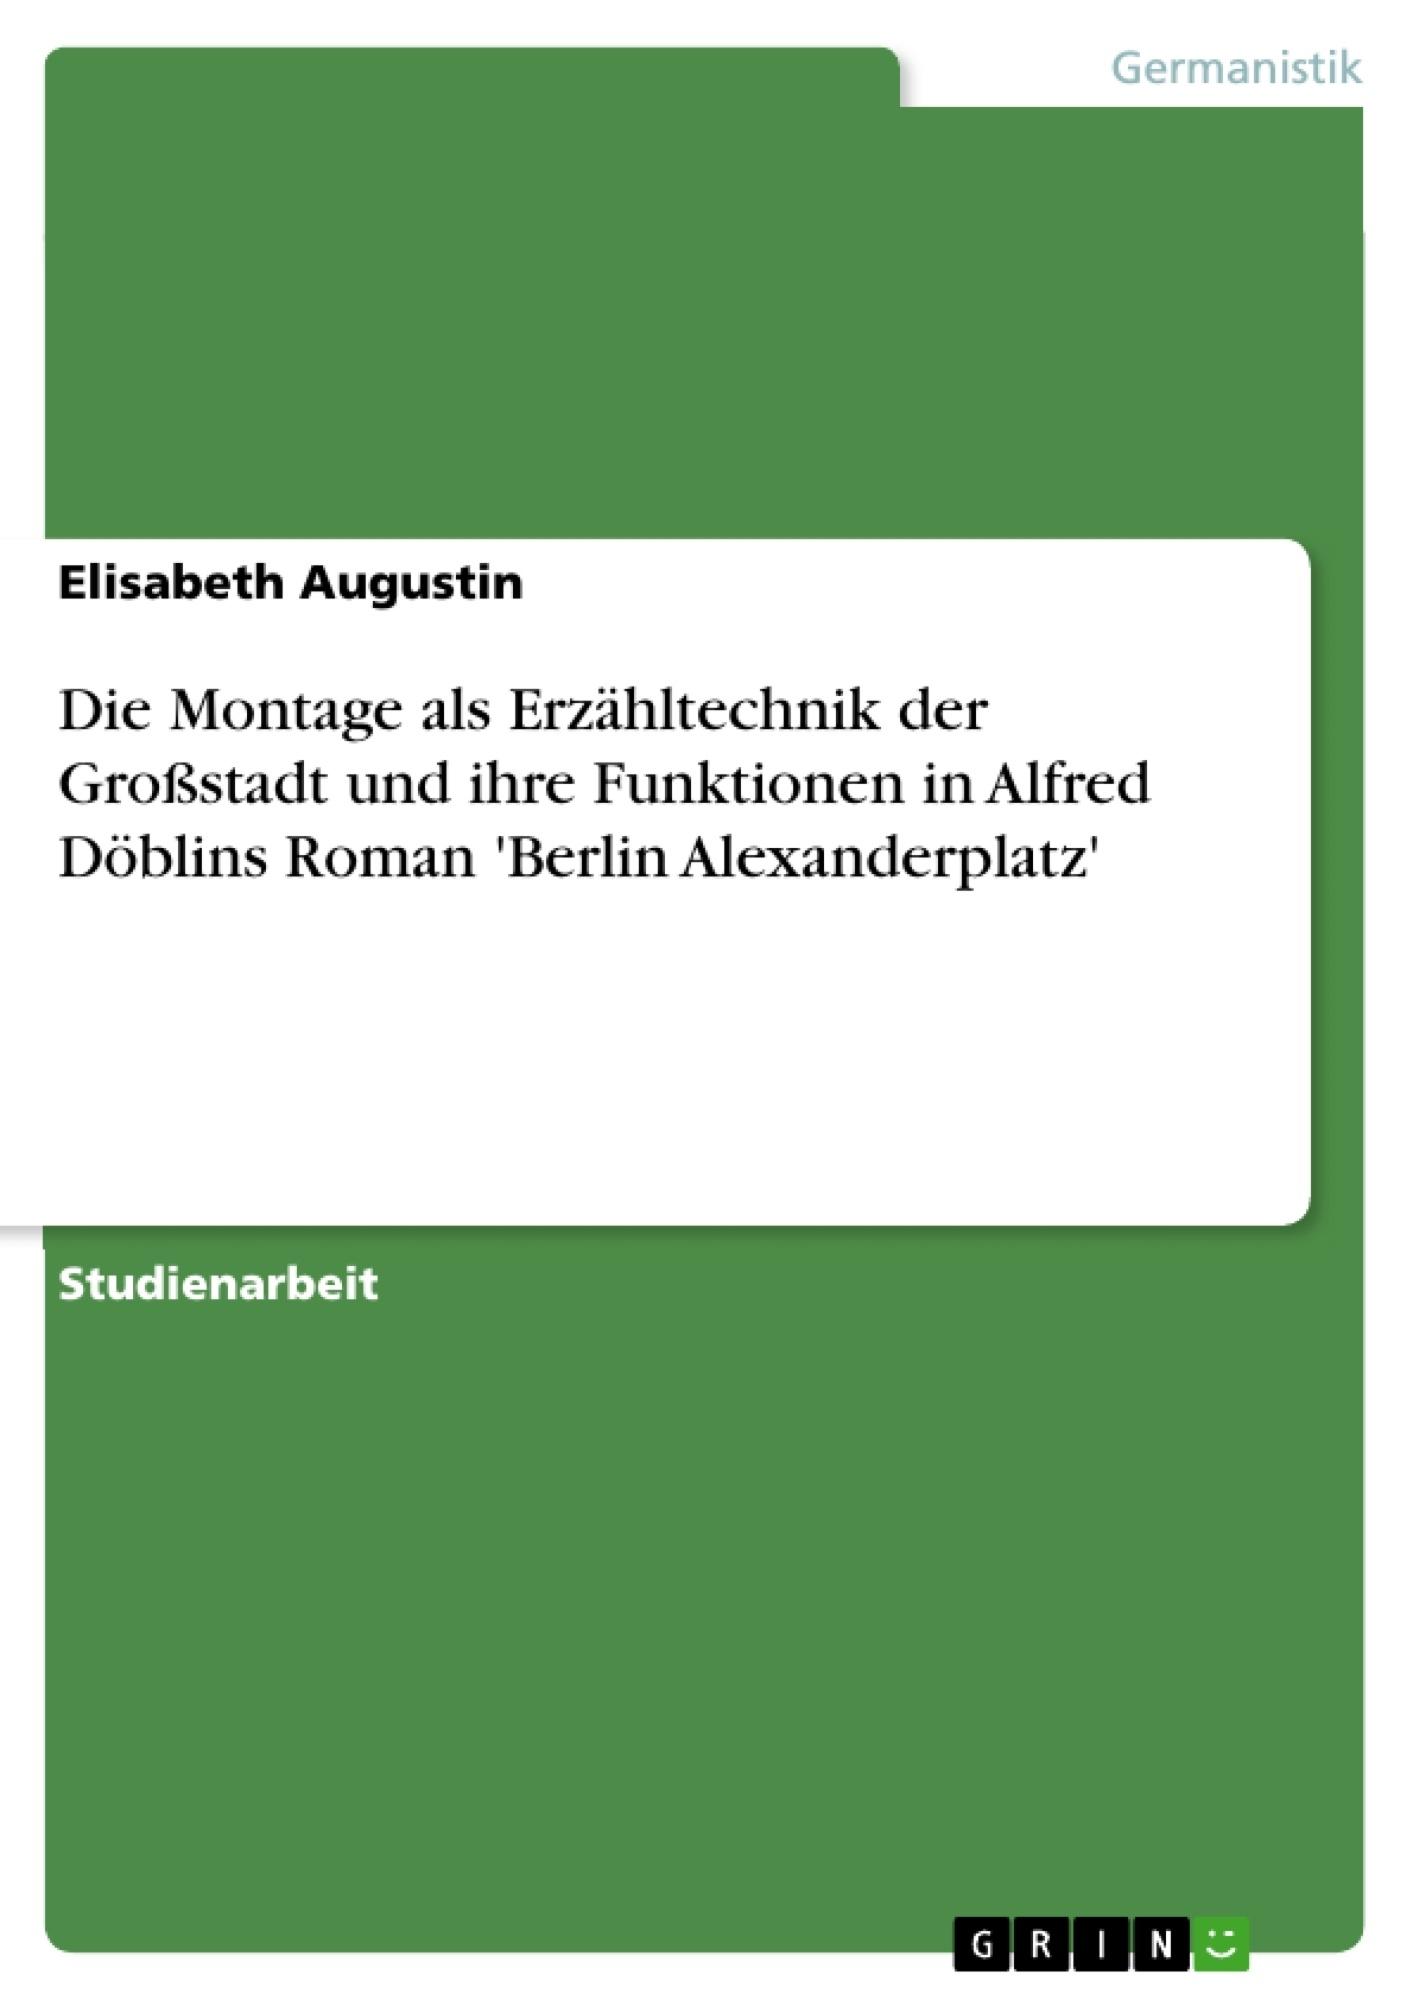 Titel: Die Montage als Erzähltechnik der Großstadt und ihre Funktionen in Alfred Döblins Roman 'Berlin Alexanderplatz'